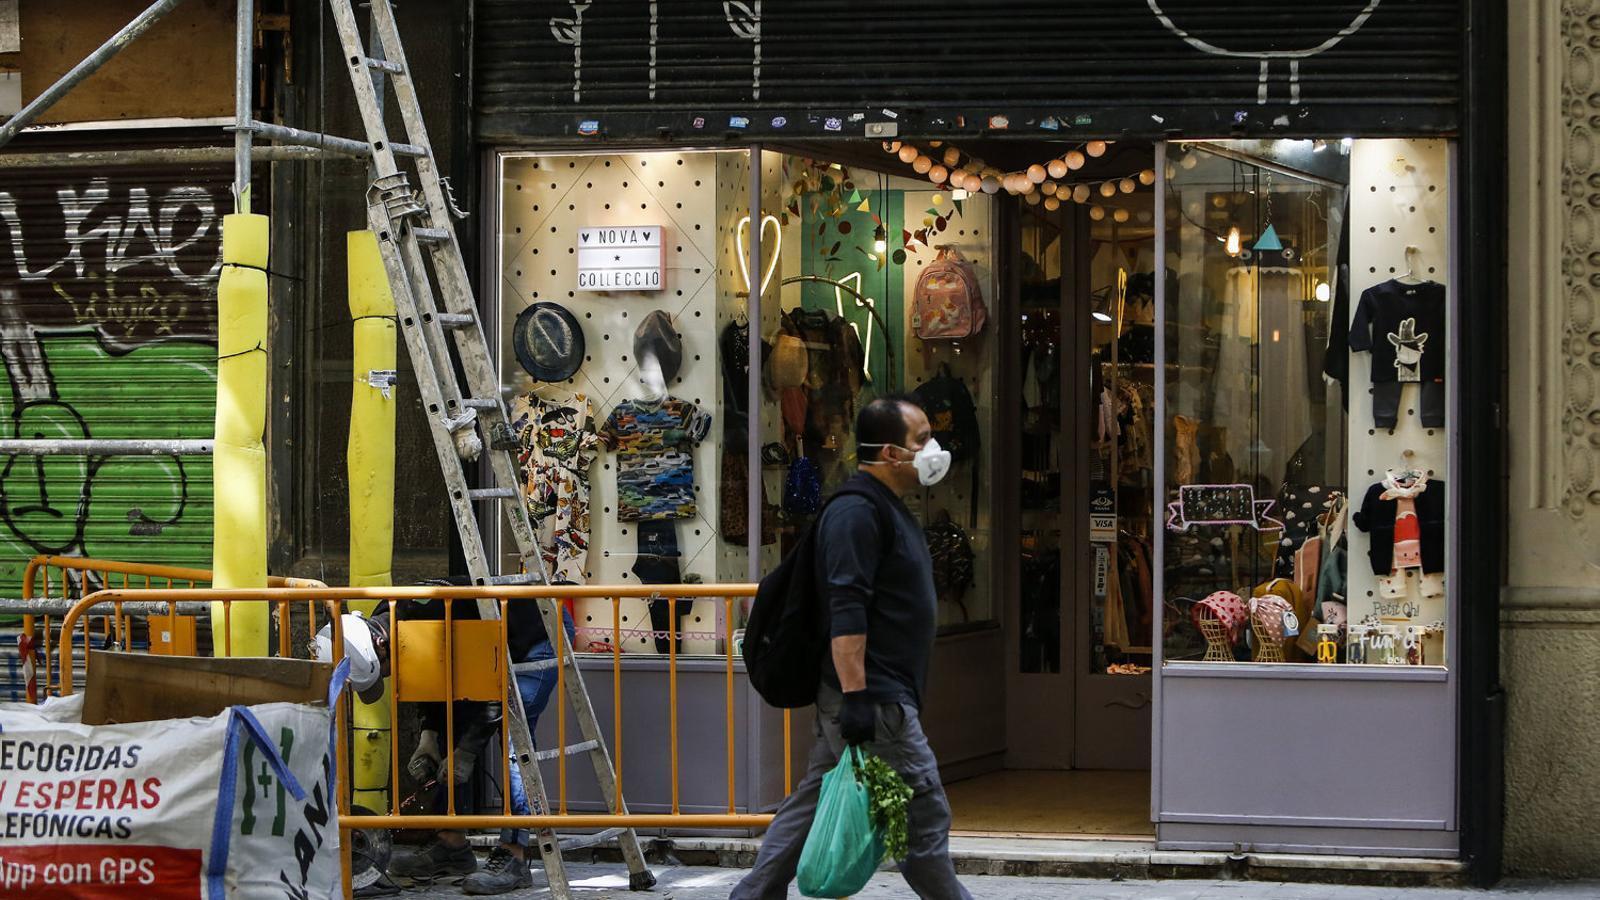 Un home passant ahir per davant d'una botiga al barri de Sant Antoni de Barcelona.